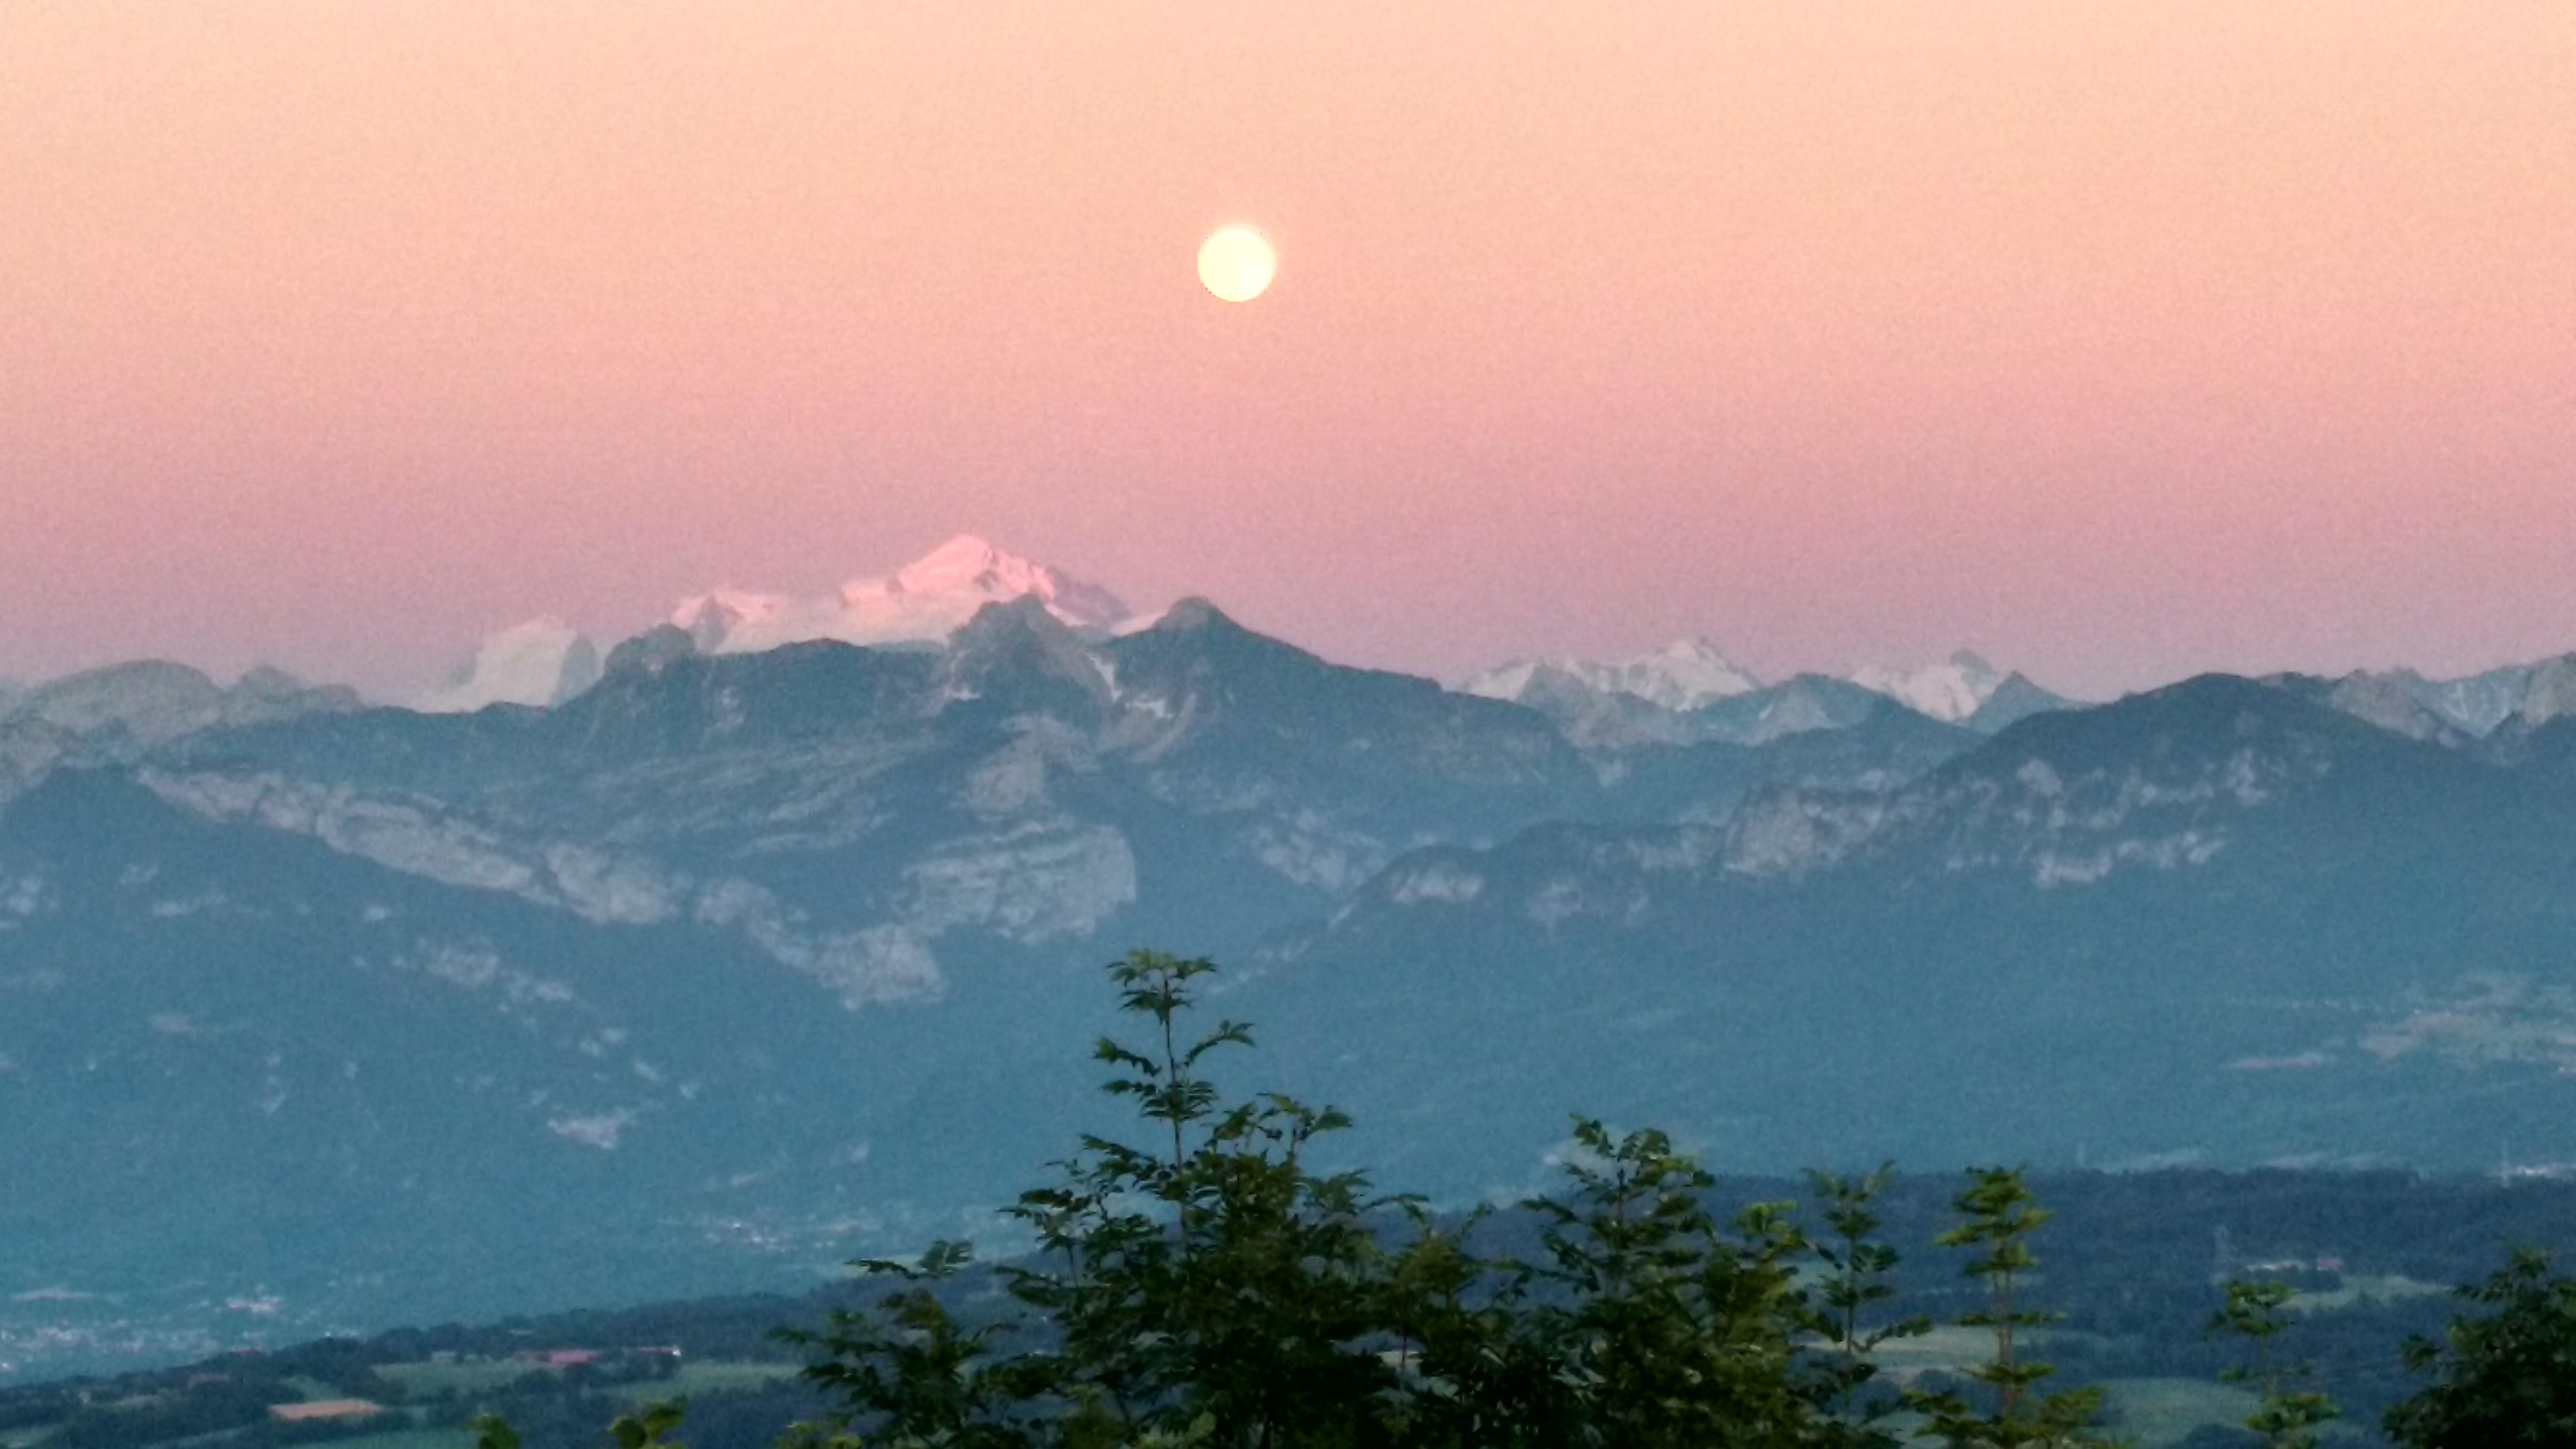 Lever de Lune sur la Mt Blanc